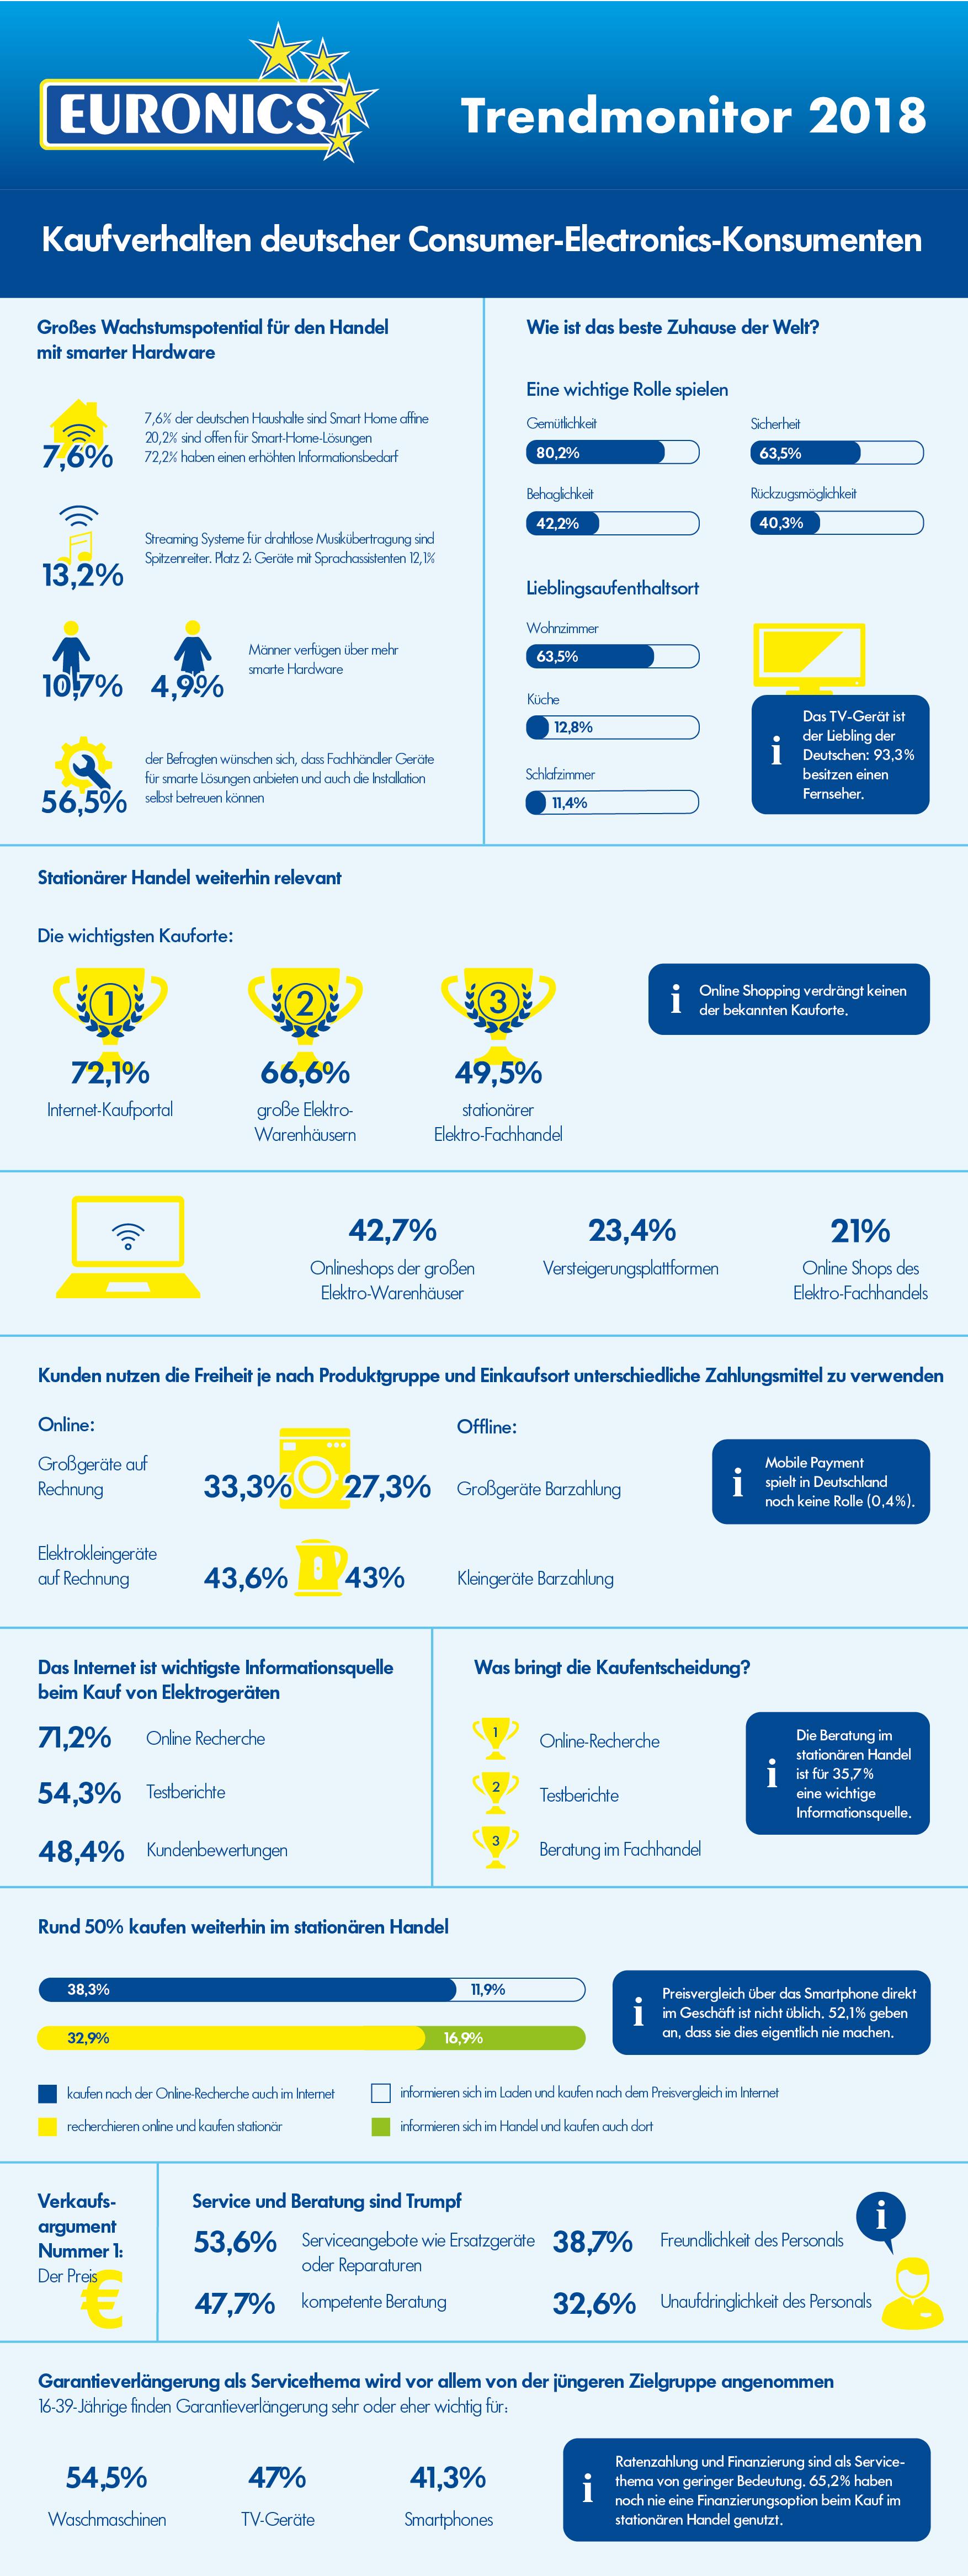 Der Euronics Trendmonitor beleuchtet das Kaufverhalten deutscher Consumer-Electronics-Konsumenten.